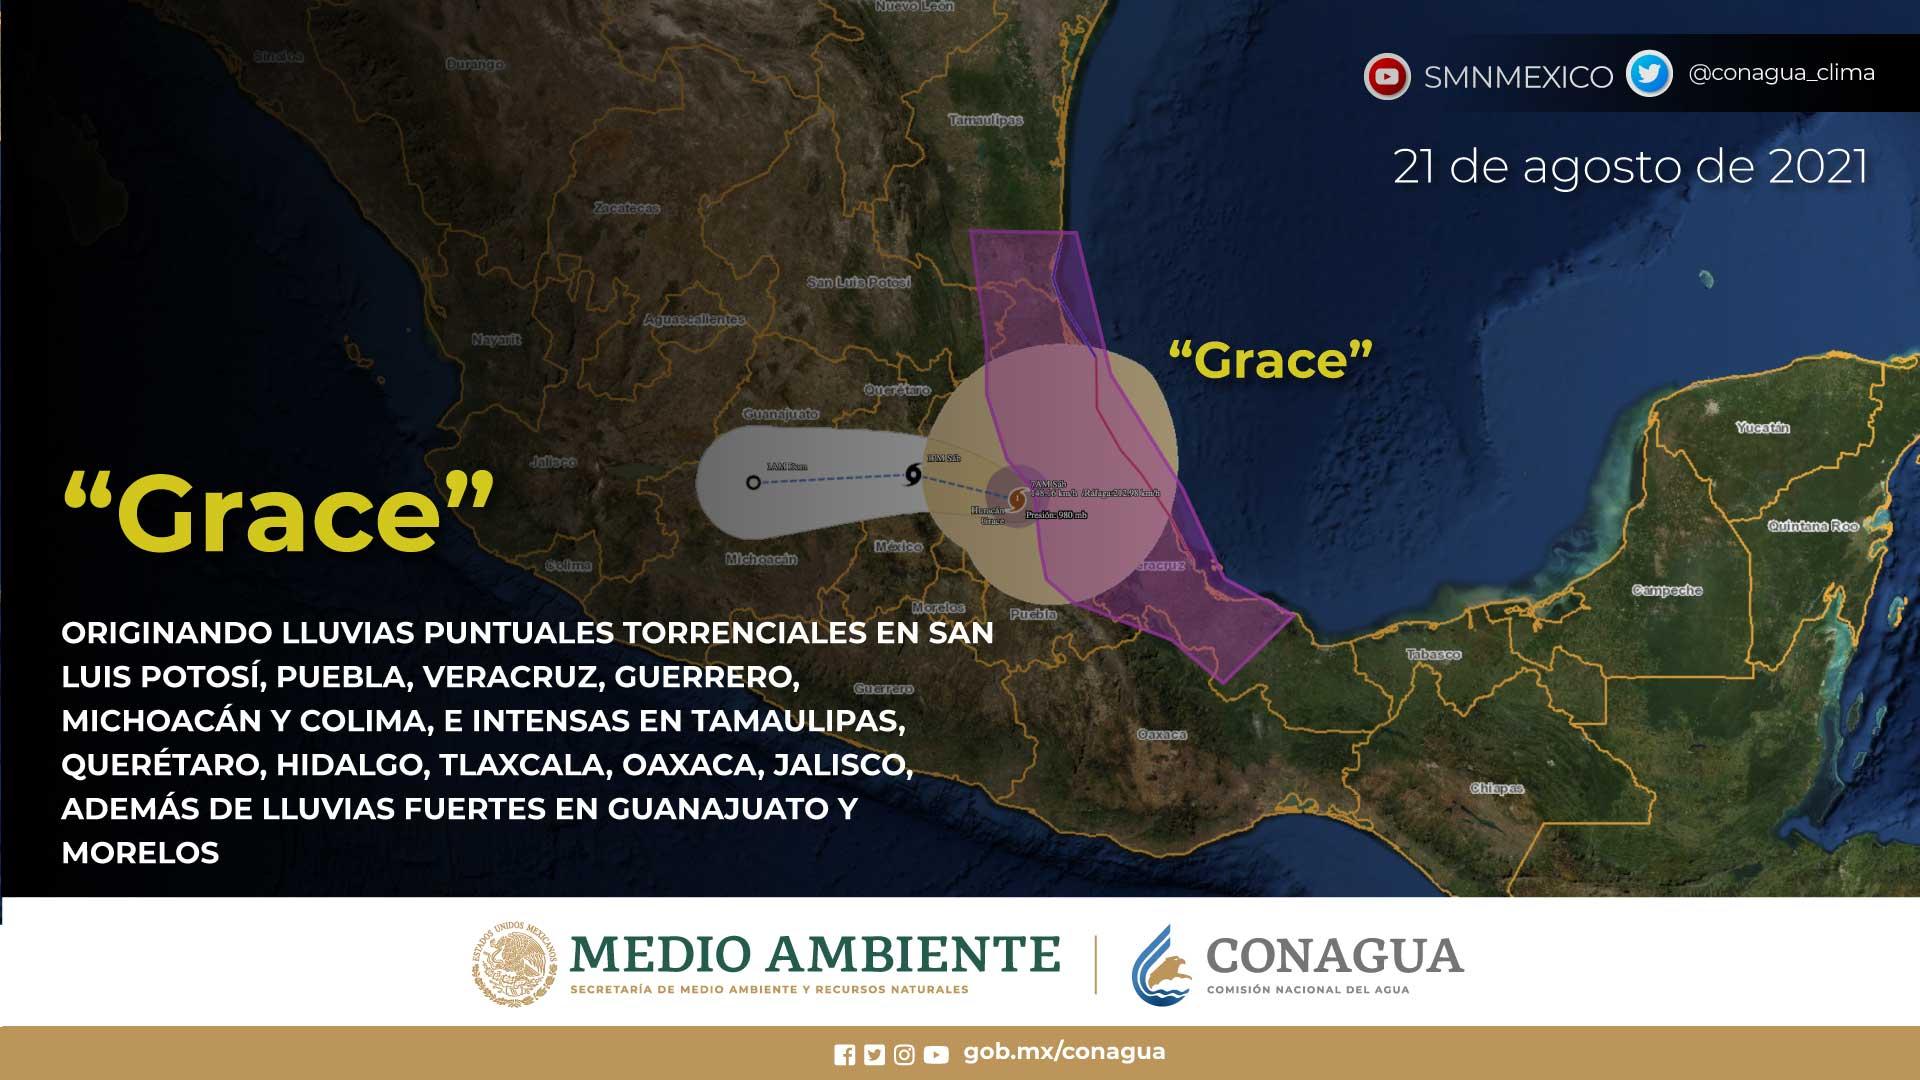 Hoy, el huracán Grace ocasionará lluvias torrenciales en Colima, Guerrero, Michoacán, Puebla, San Luis Potosí y Veracruz